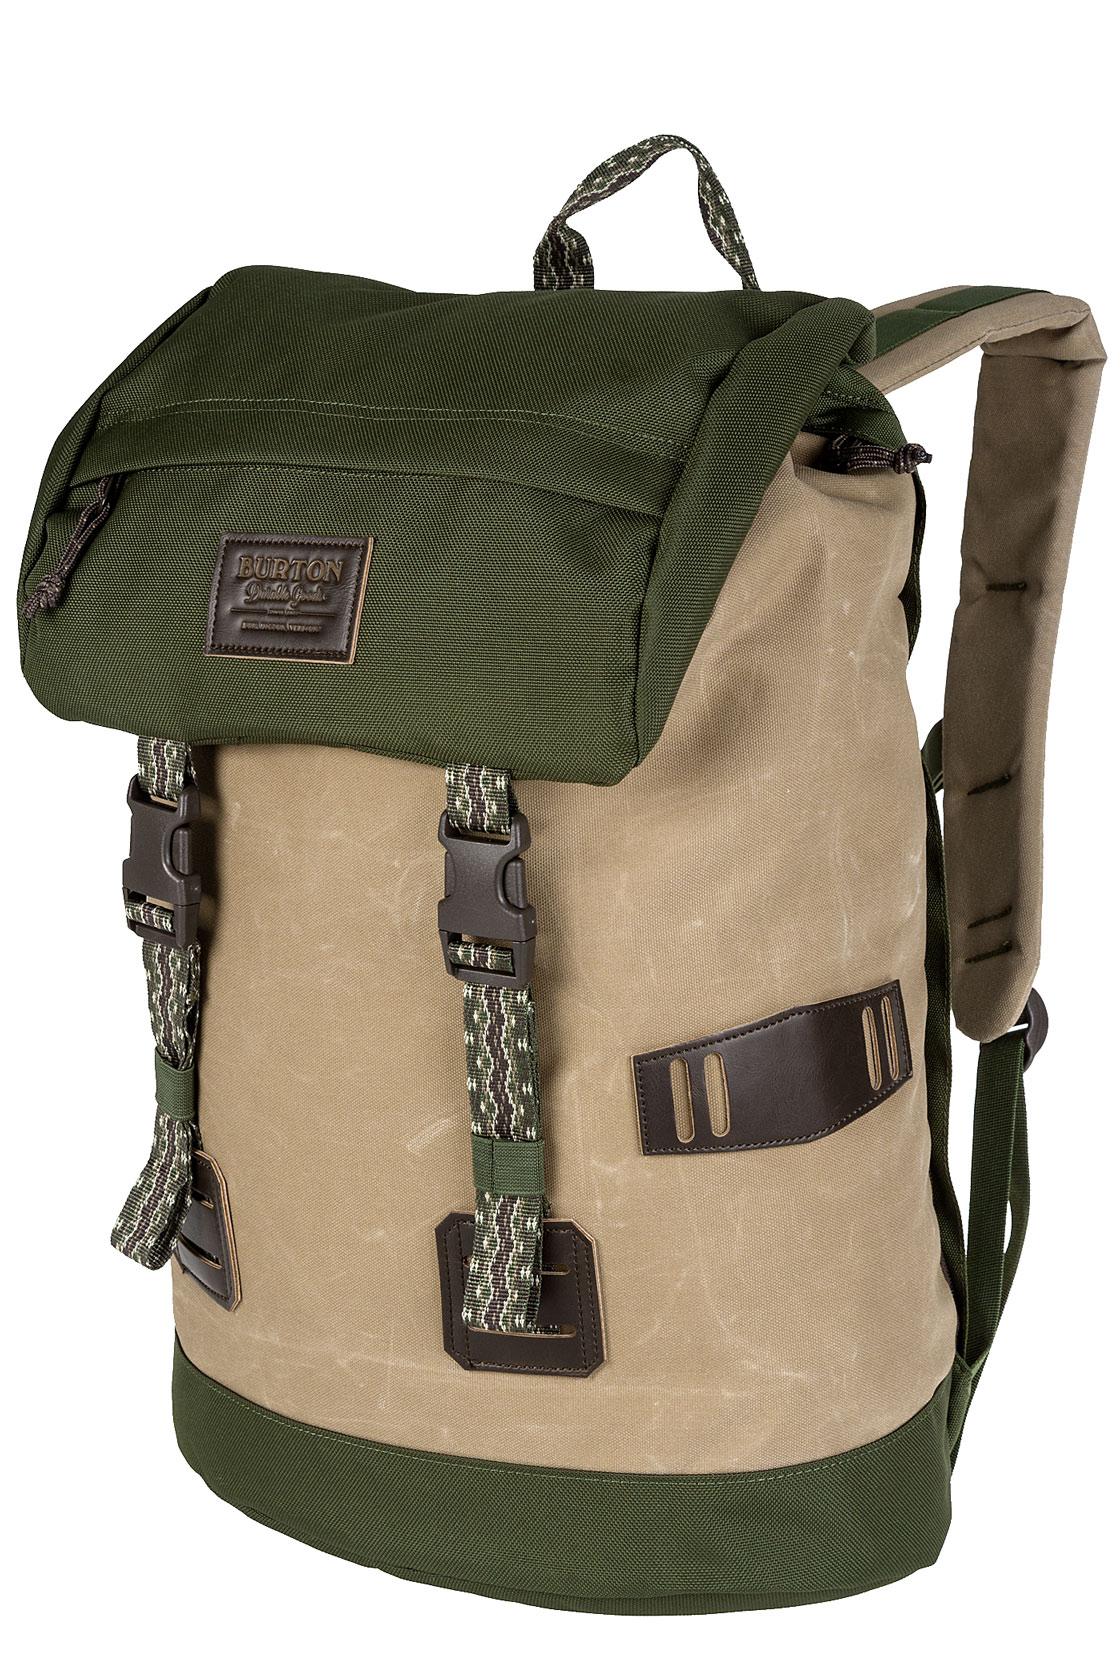 burton tinder backpack 25l kelp coated buy at skatedeluxe. Black Bedroom Furniture Sets. Home Design Ideas